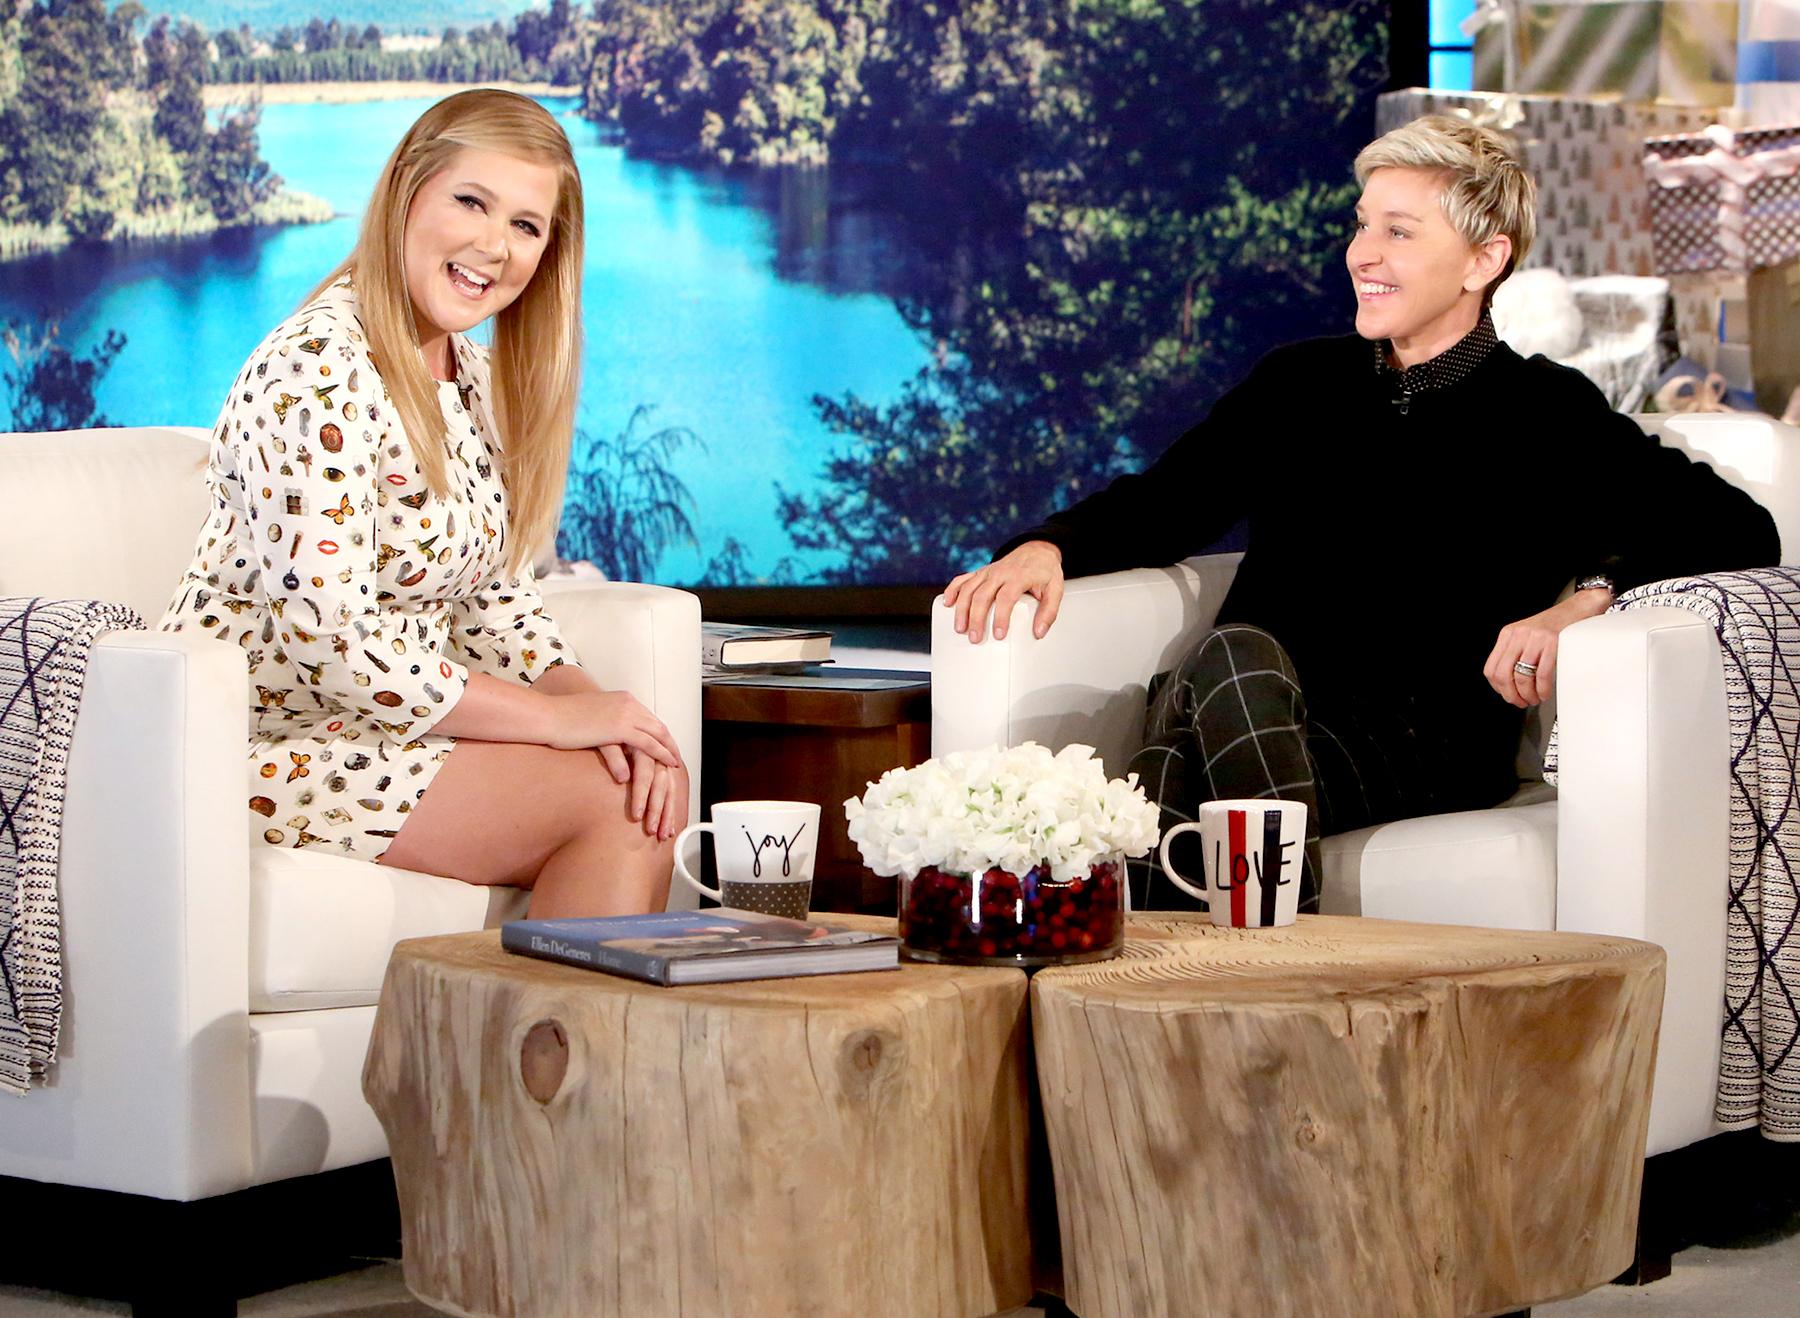 Amy Schumer and Ellen DeGeneres